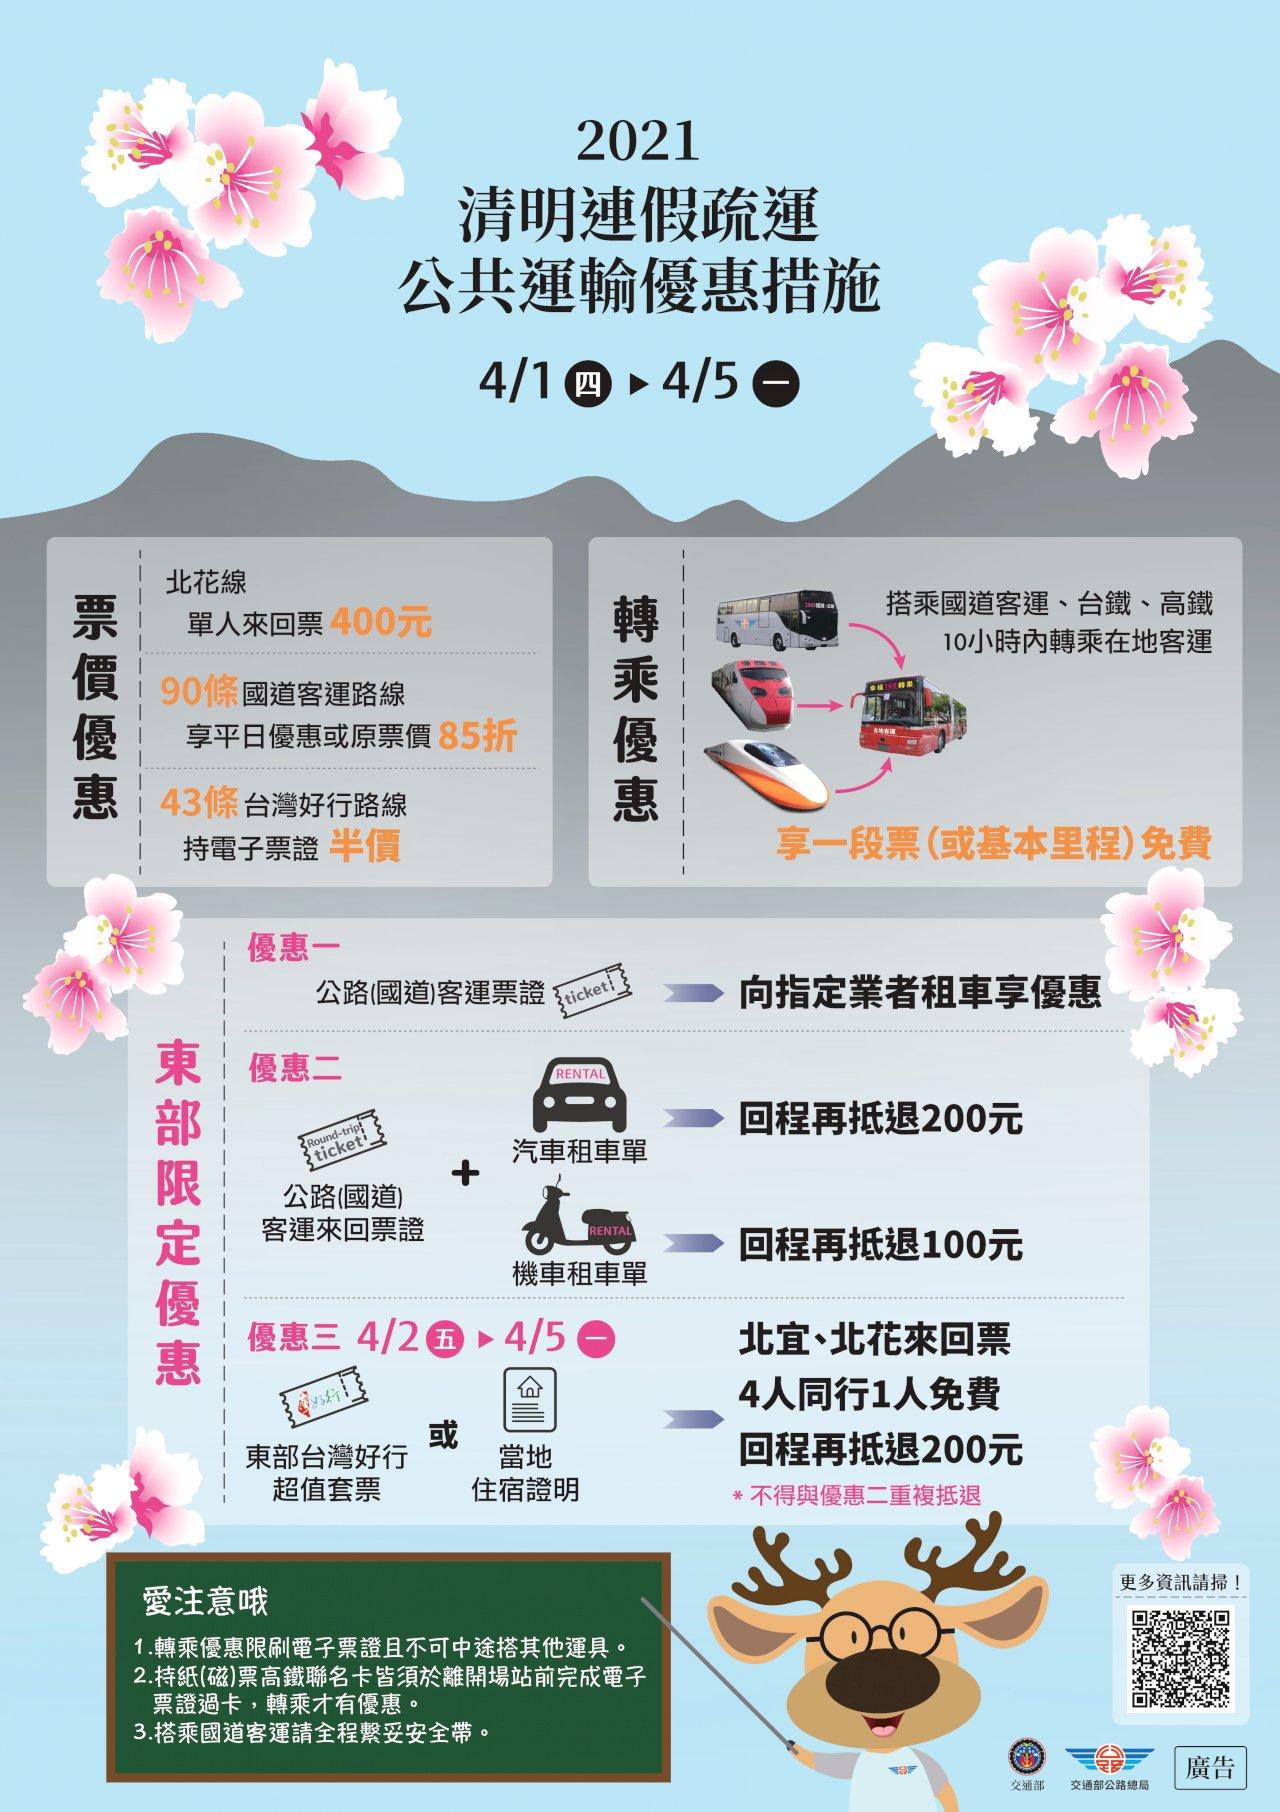 清明連假出遊公共運輸優惠多 4人同行最多可省600元